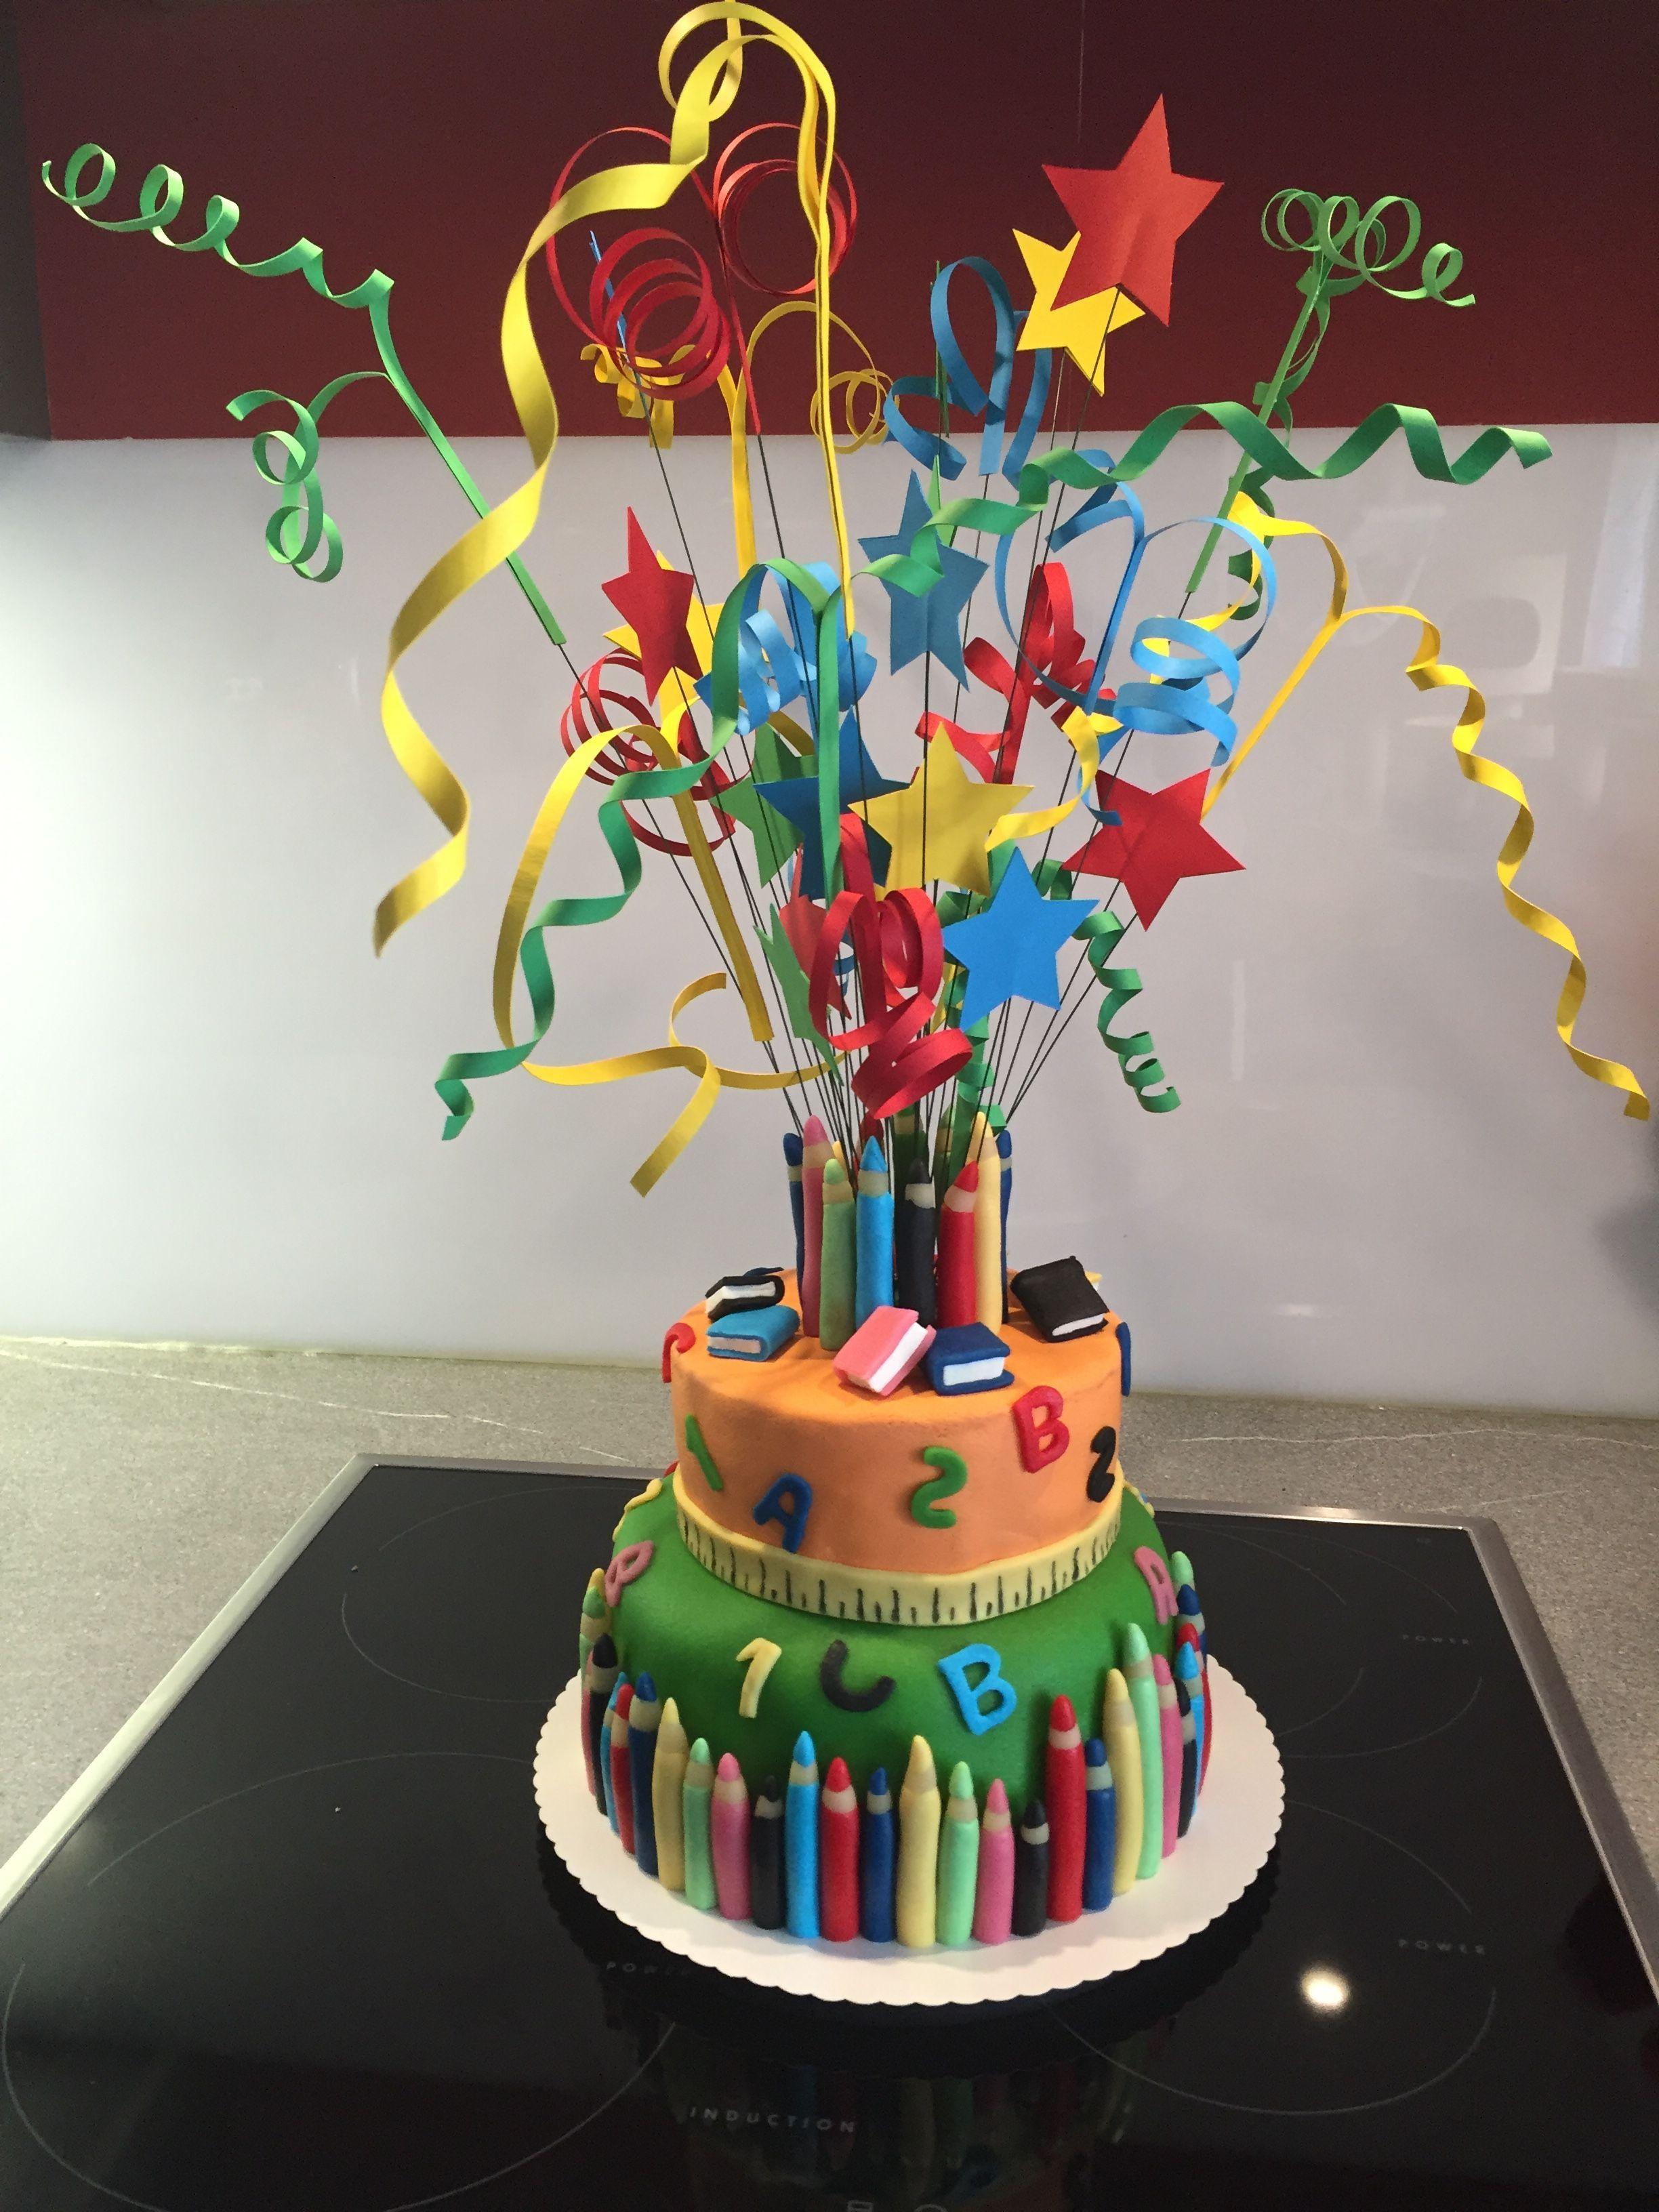 torte zur einschulung 17.09.16 gifts birthday gifts for